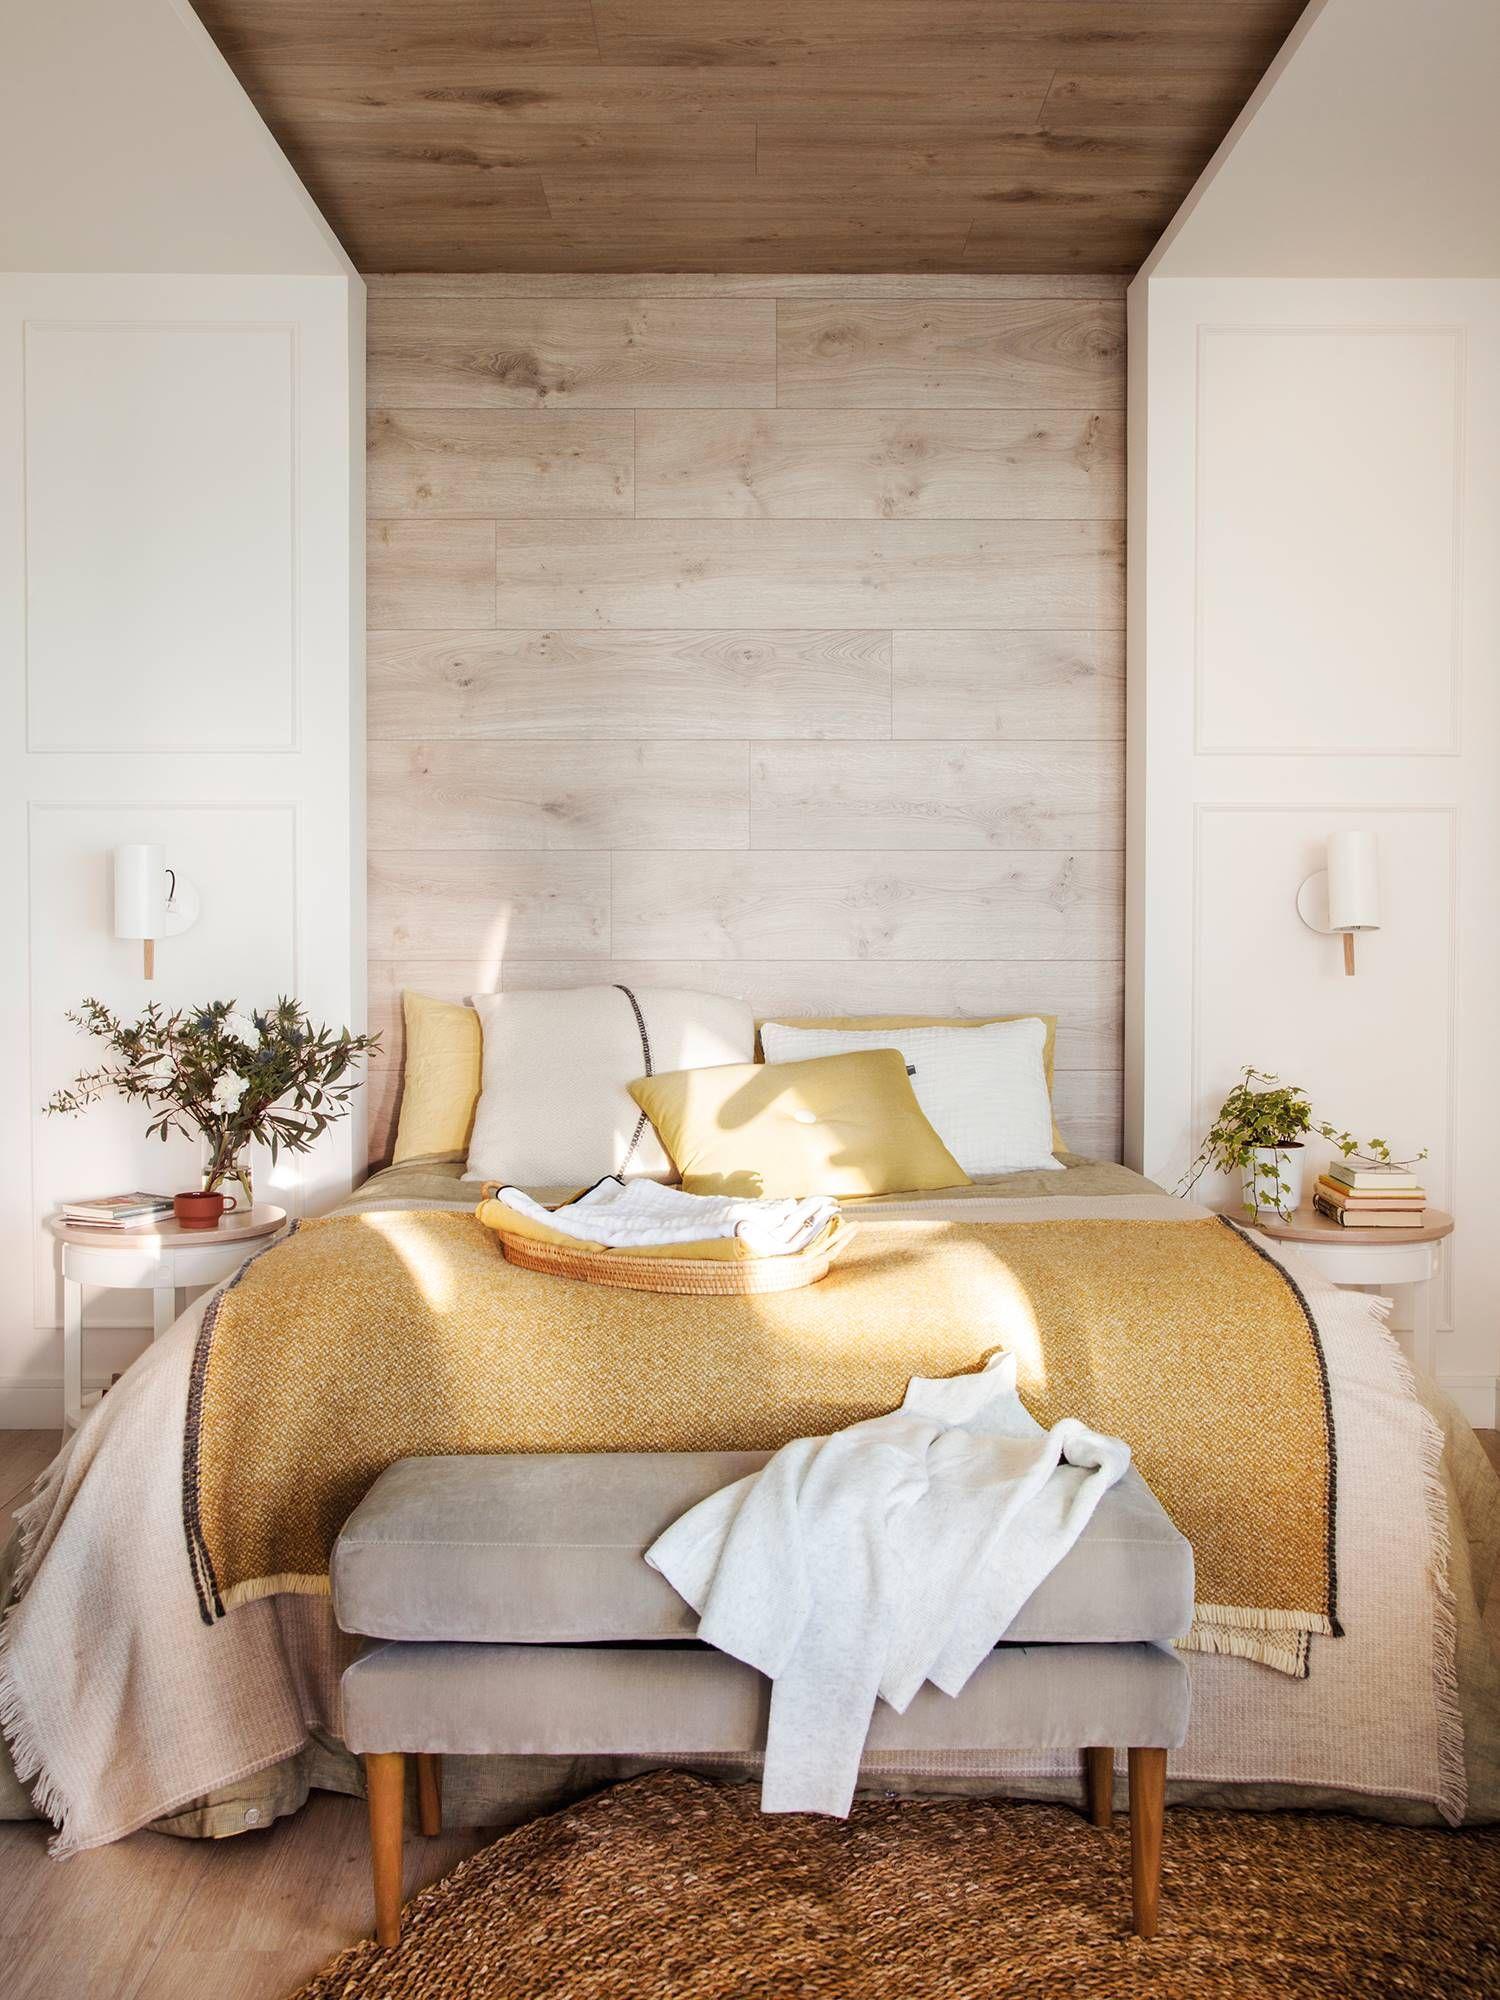 Muy natural en 2019 decorar con telas dormitorio de - Decoracion natural interiores ...